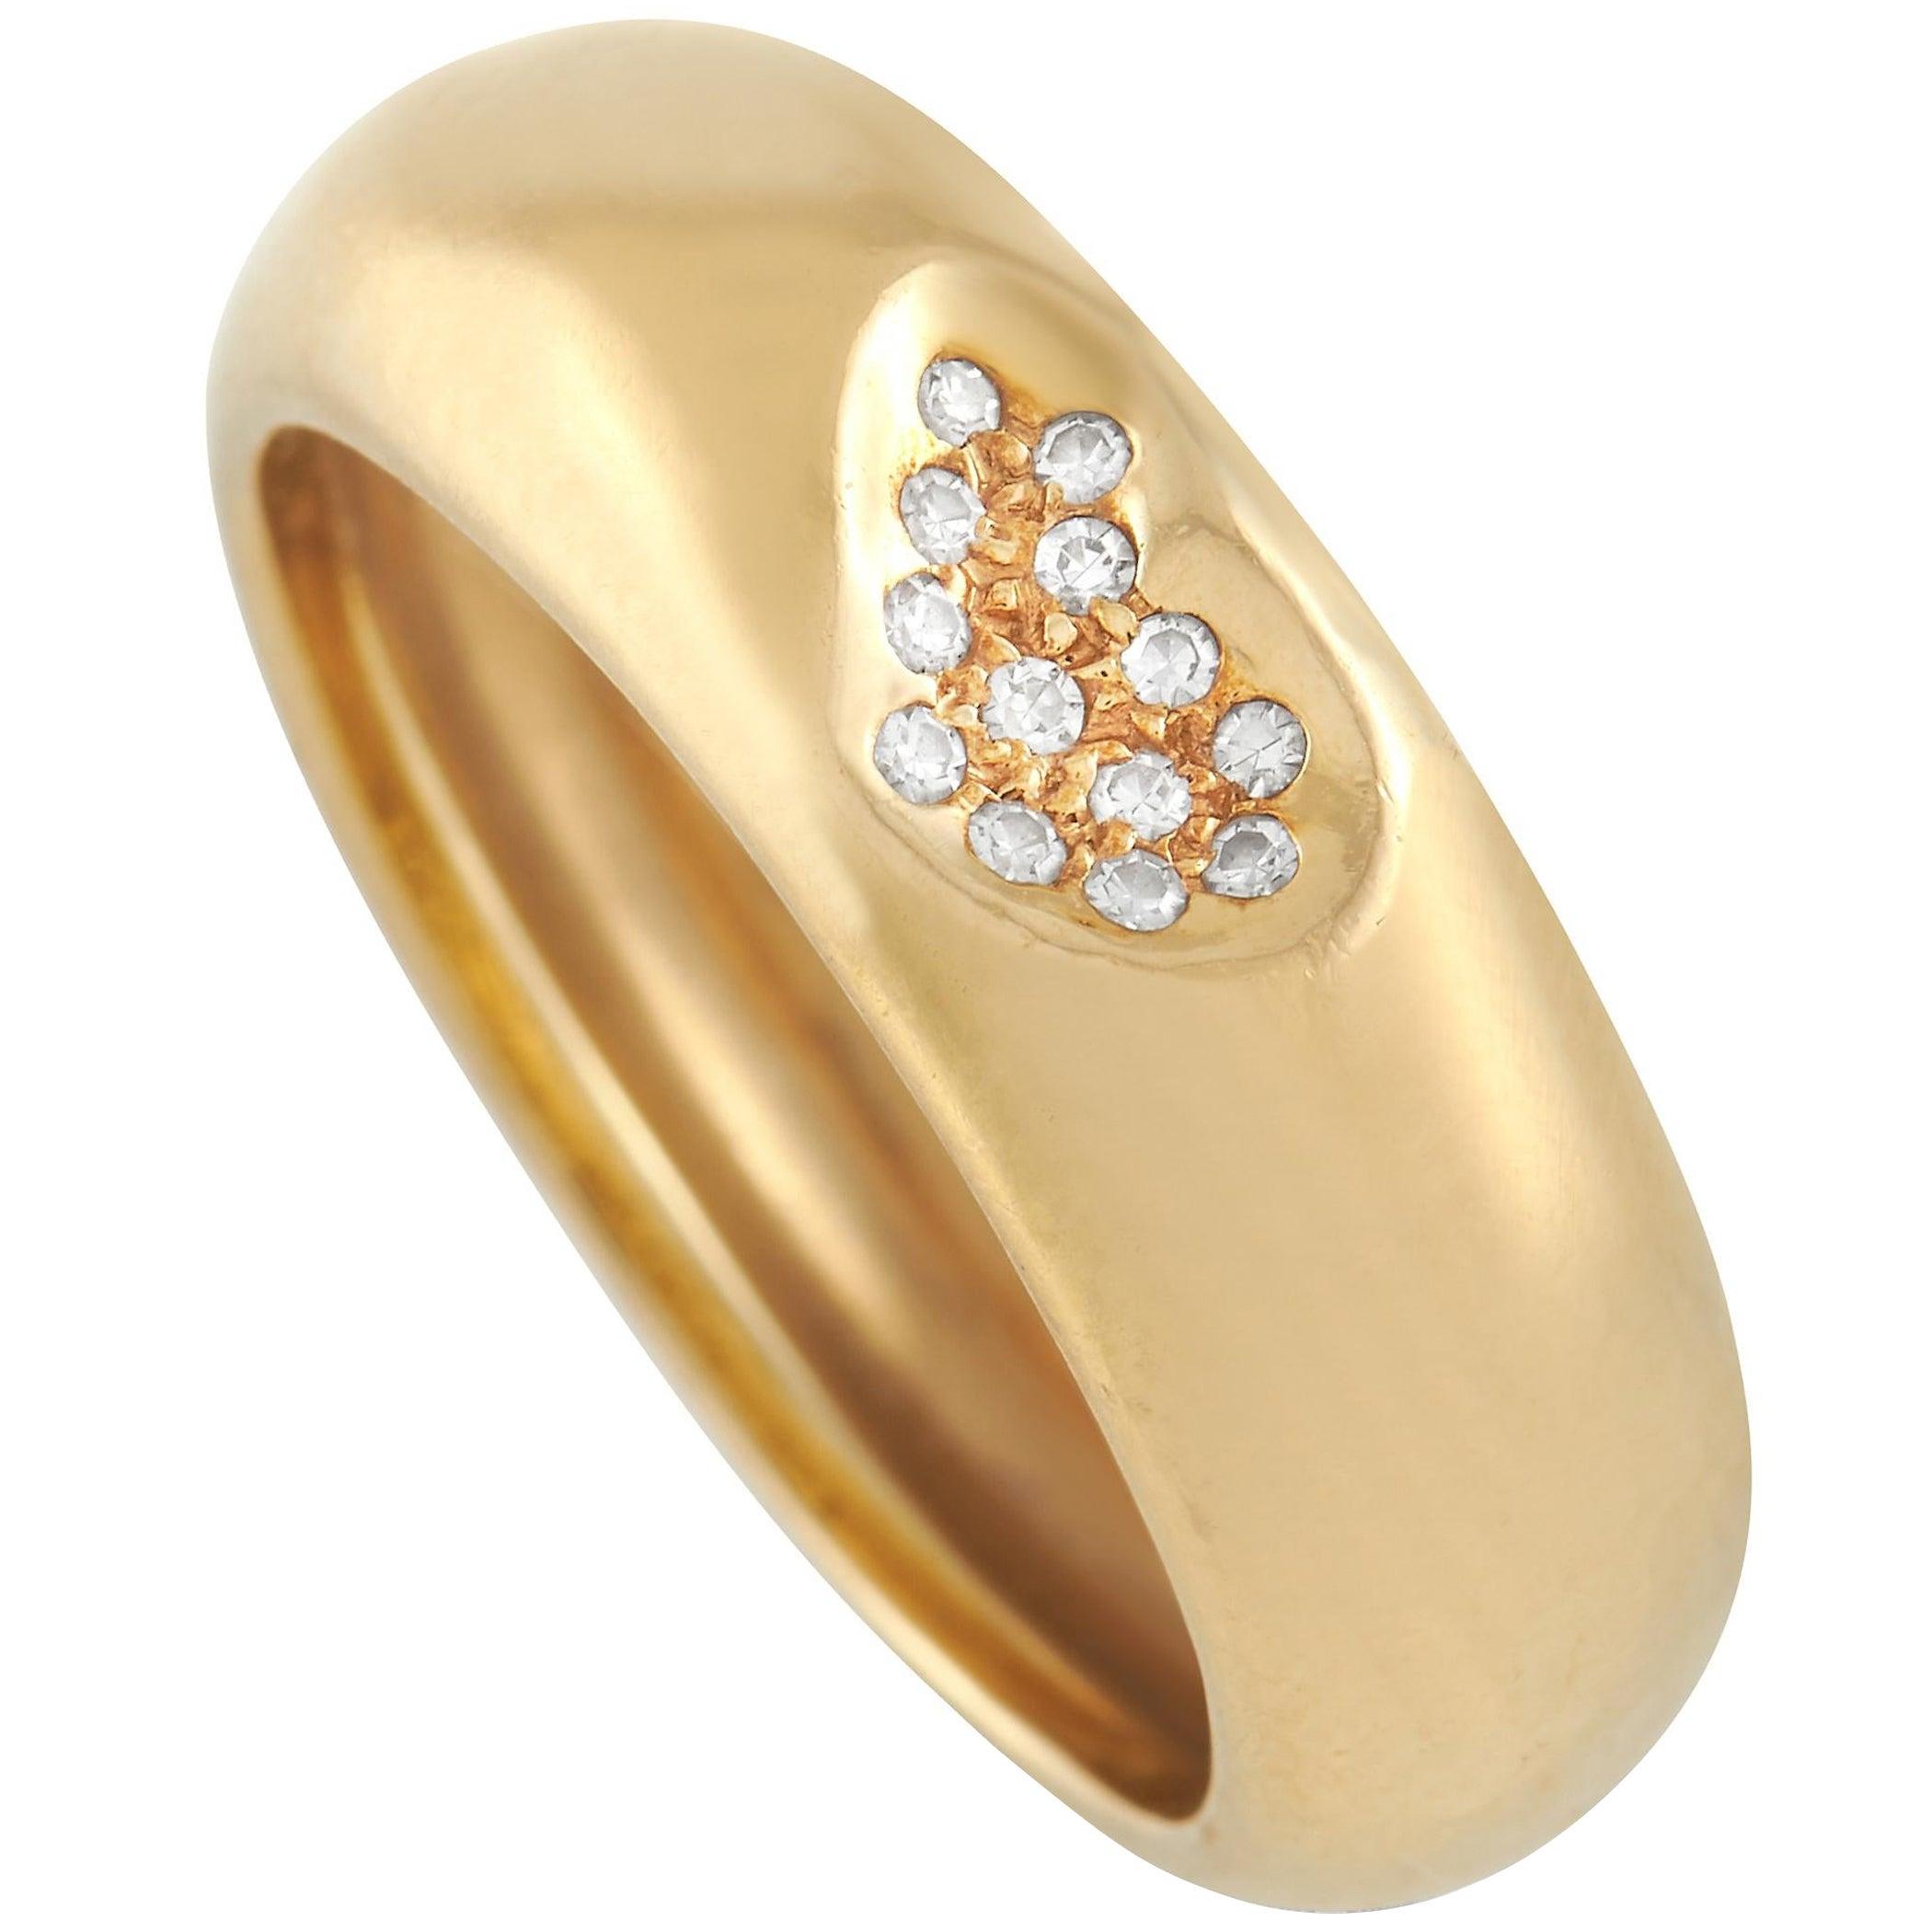 Tiffany & Co. 18K Yellow Gold Diamond Heart Ring